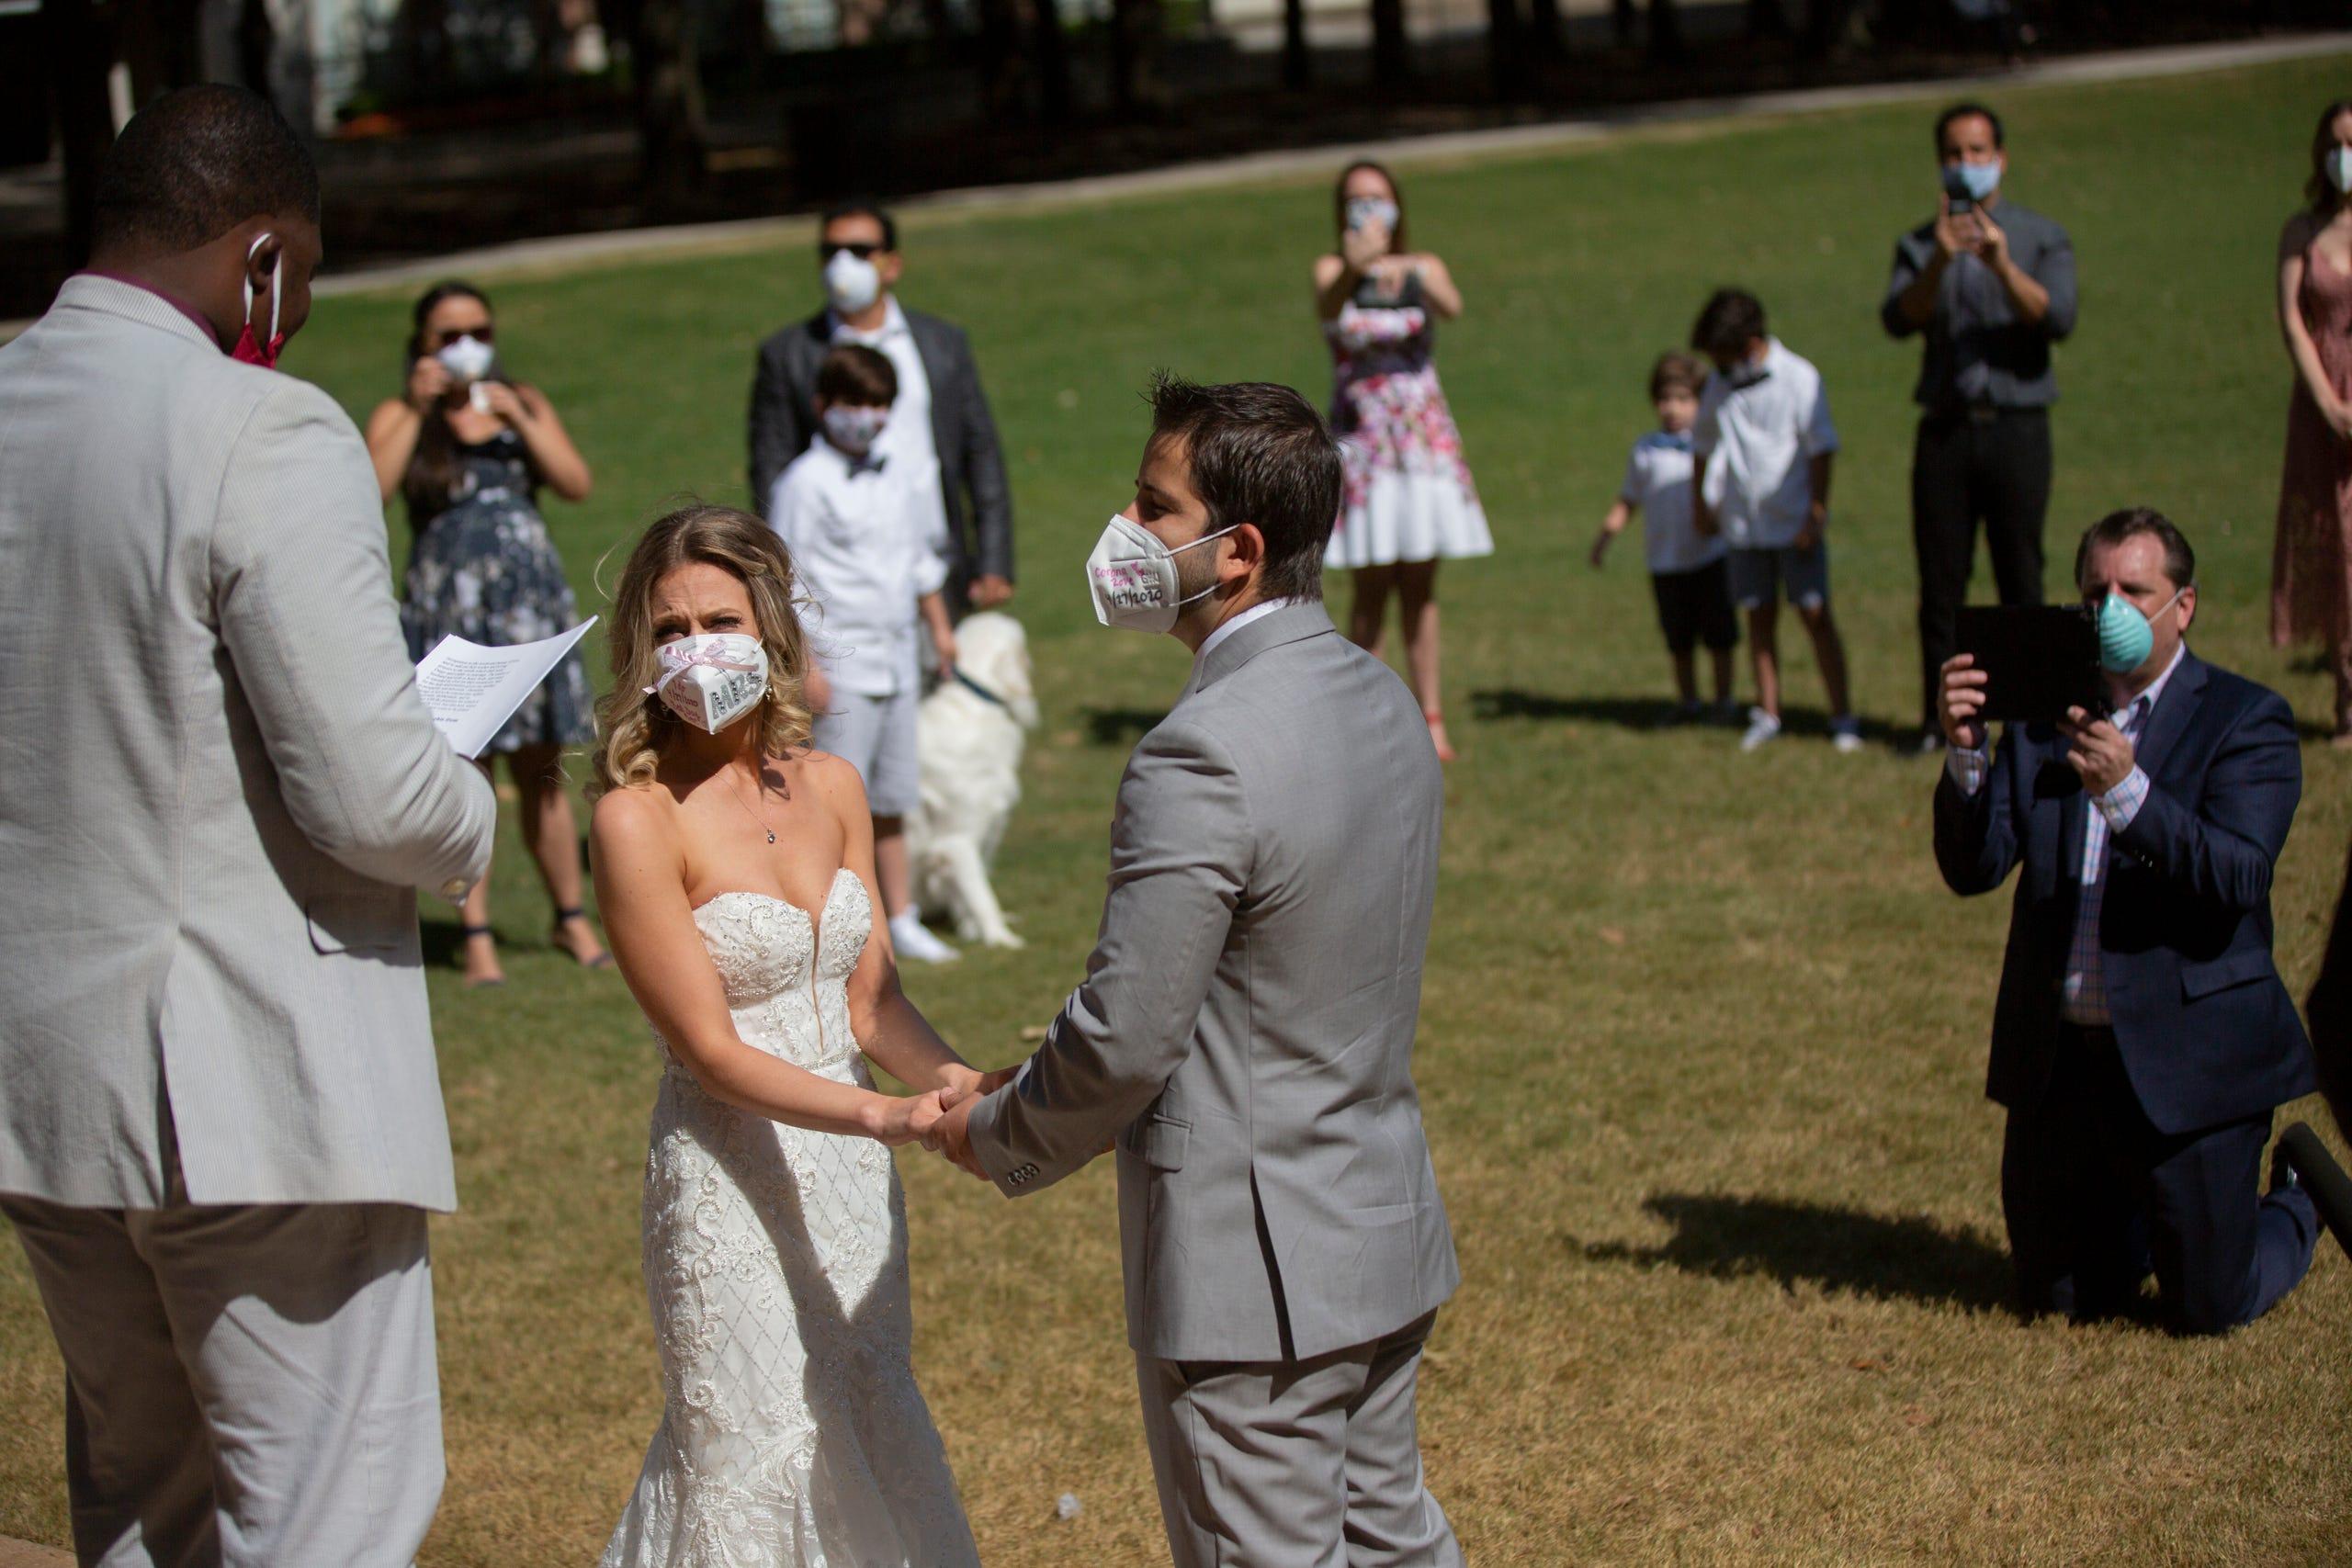 結婚式 ウエディング コロナ コロナウィルス